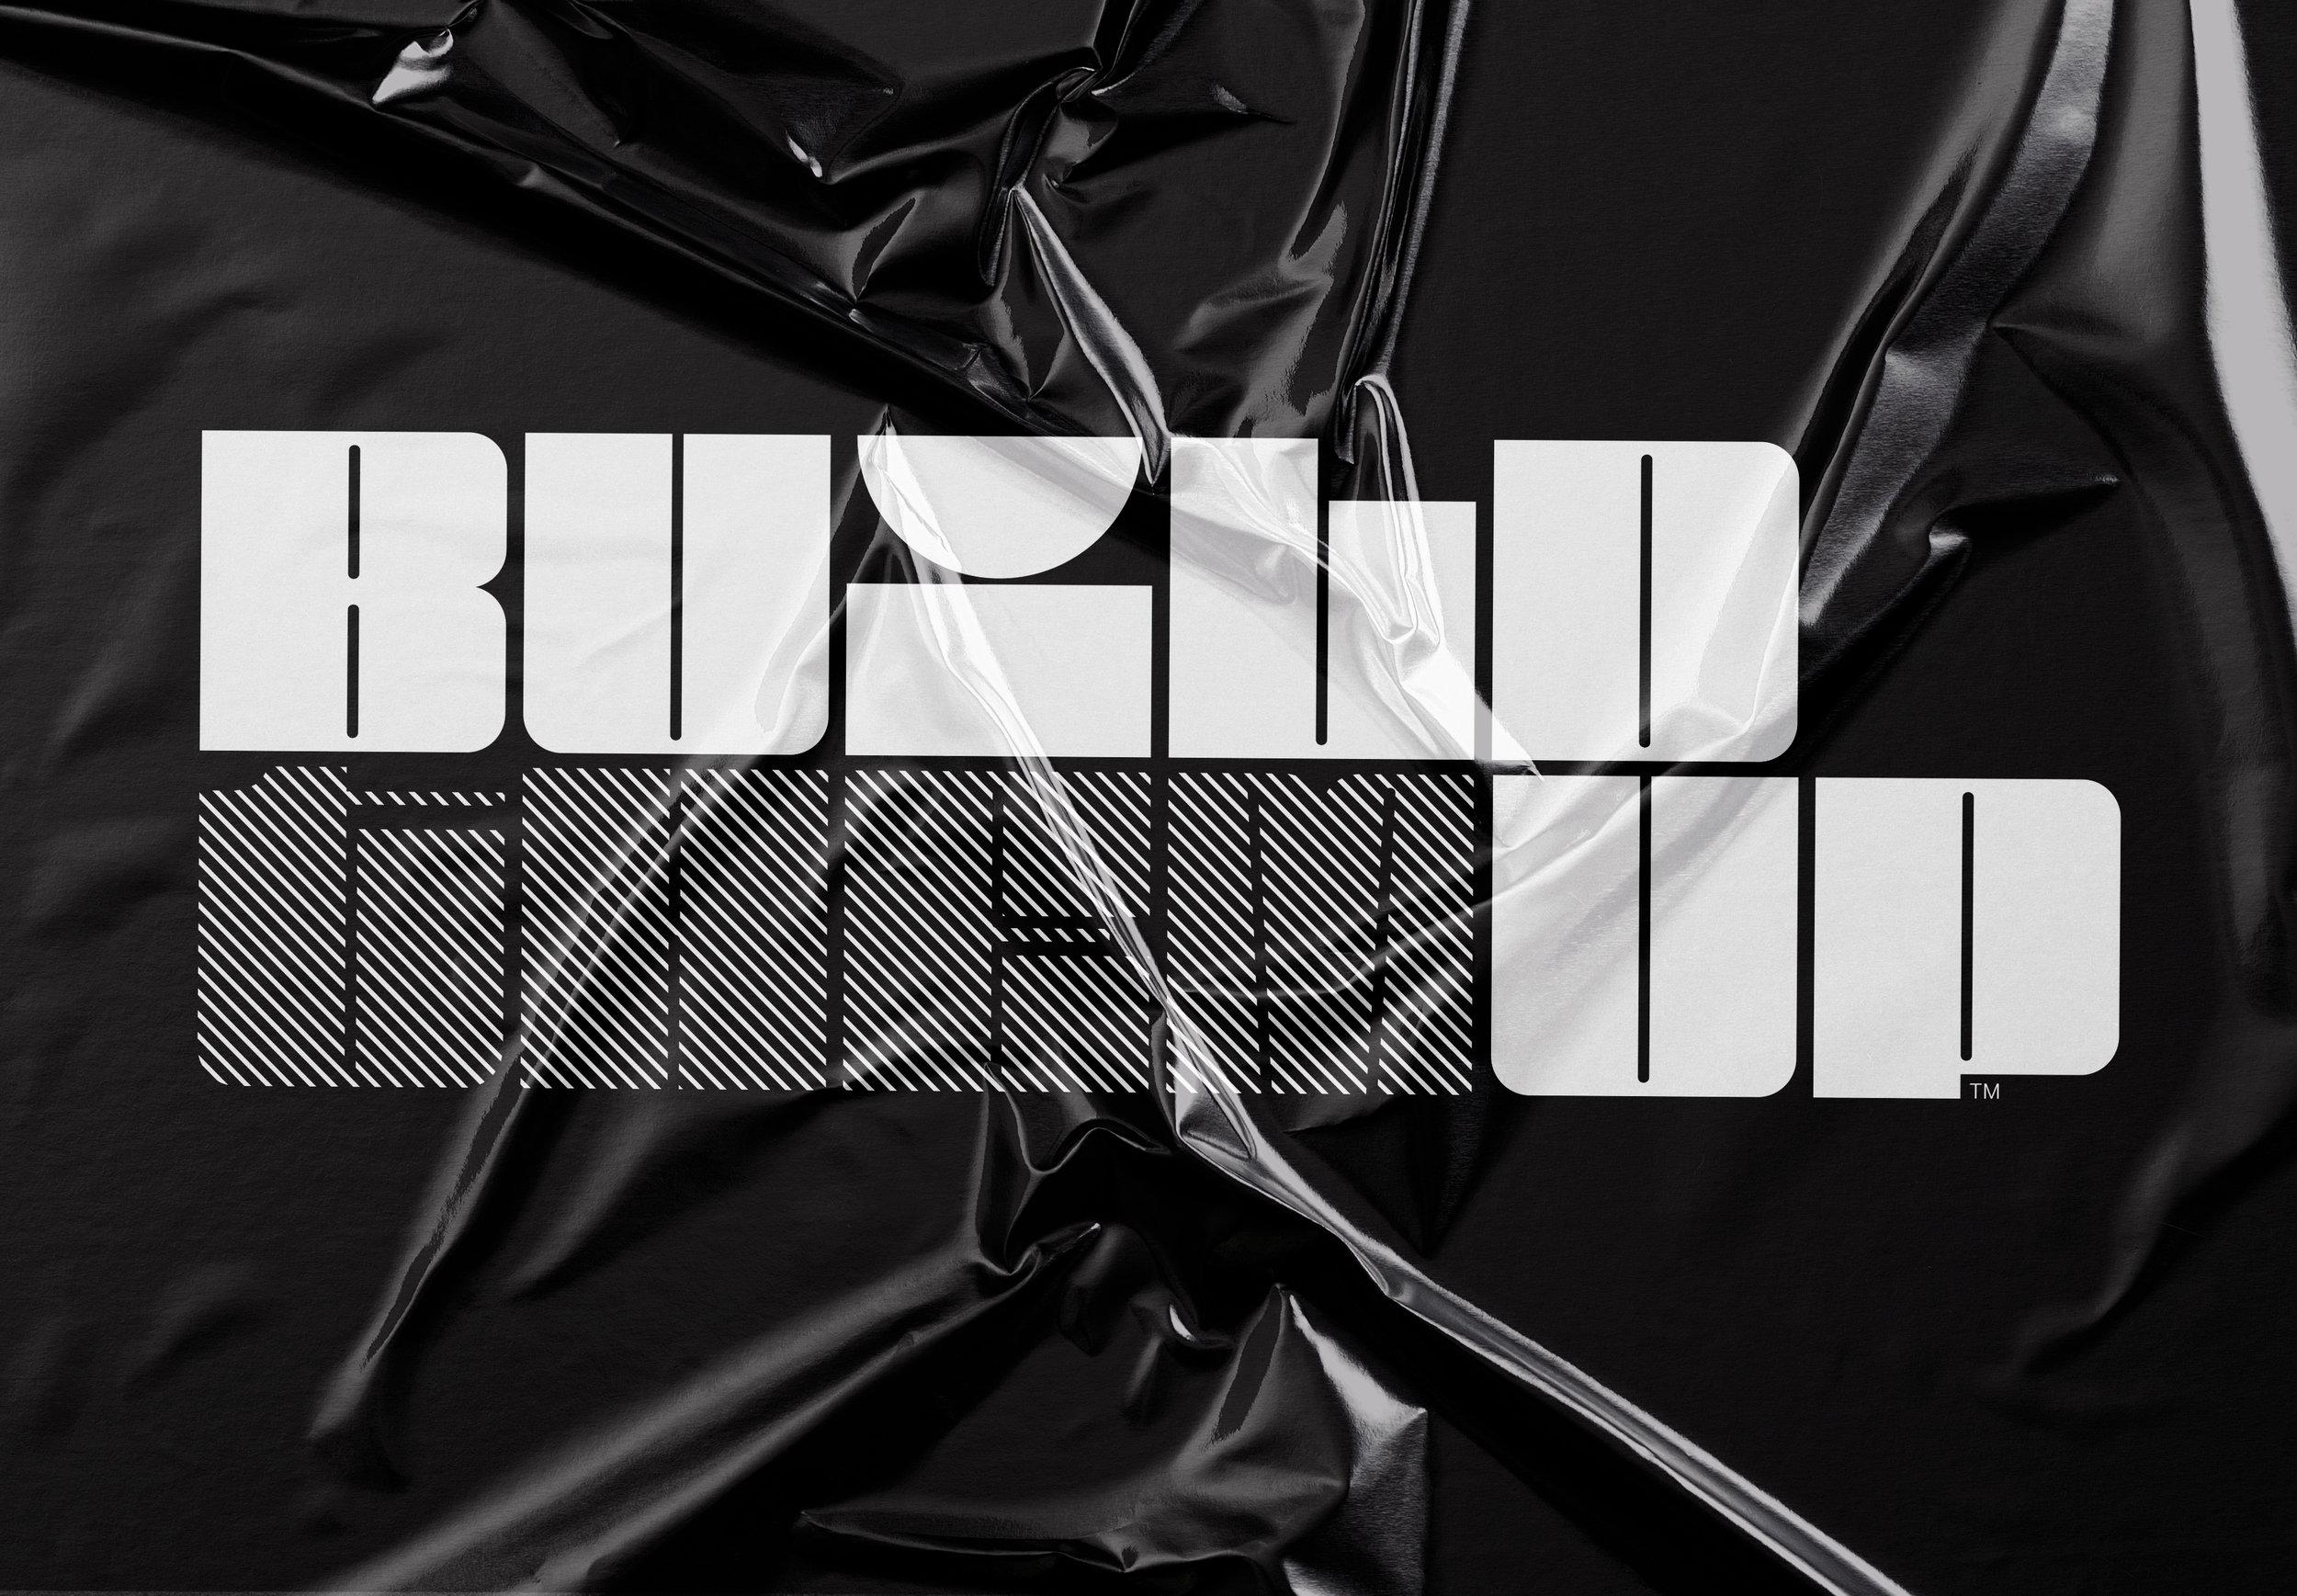 3D_britten_BTU_crumpled-plastic_3828w.jpg